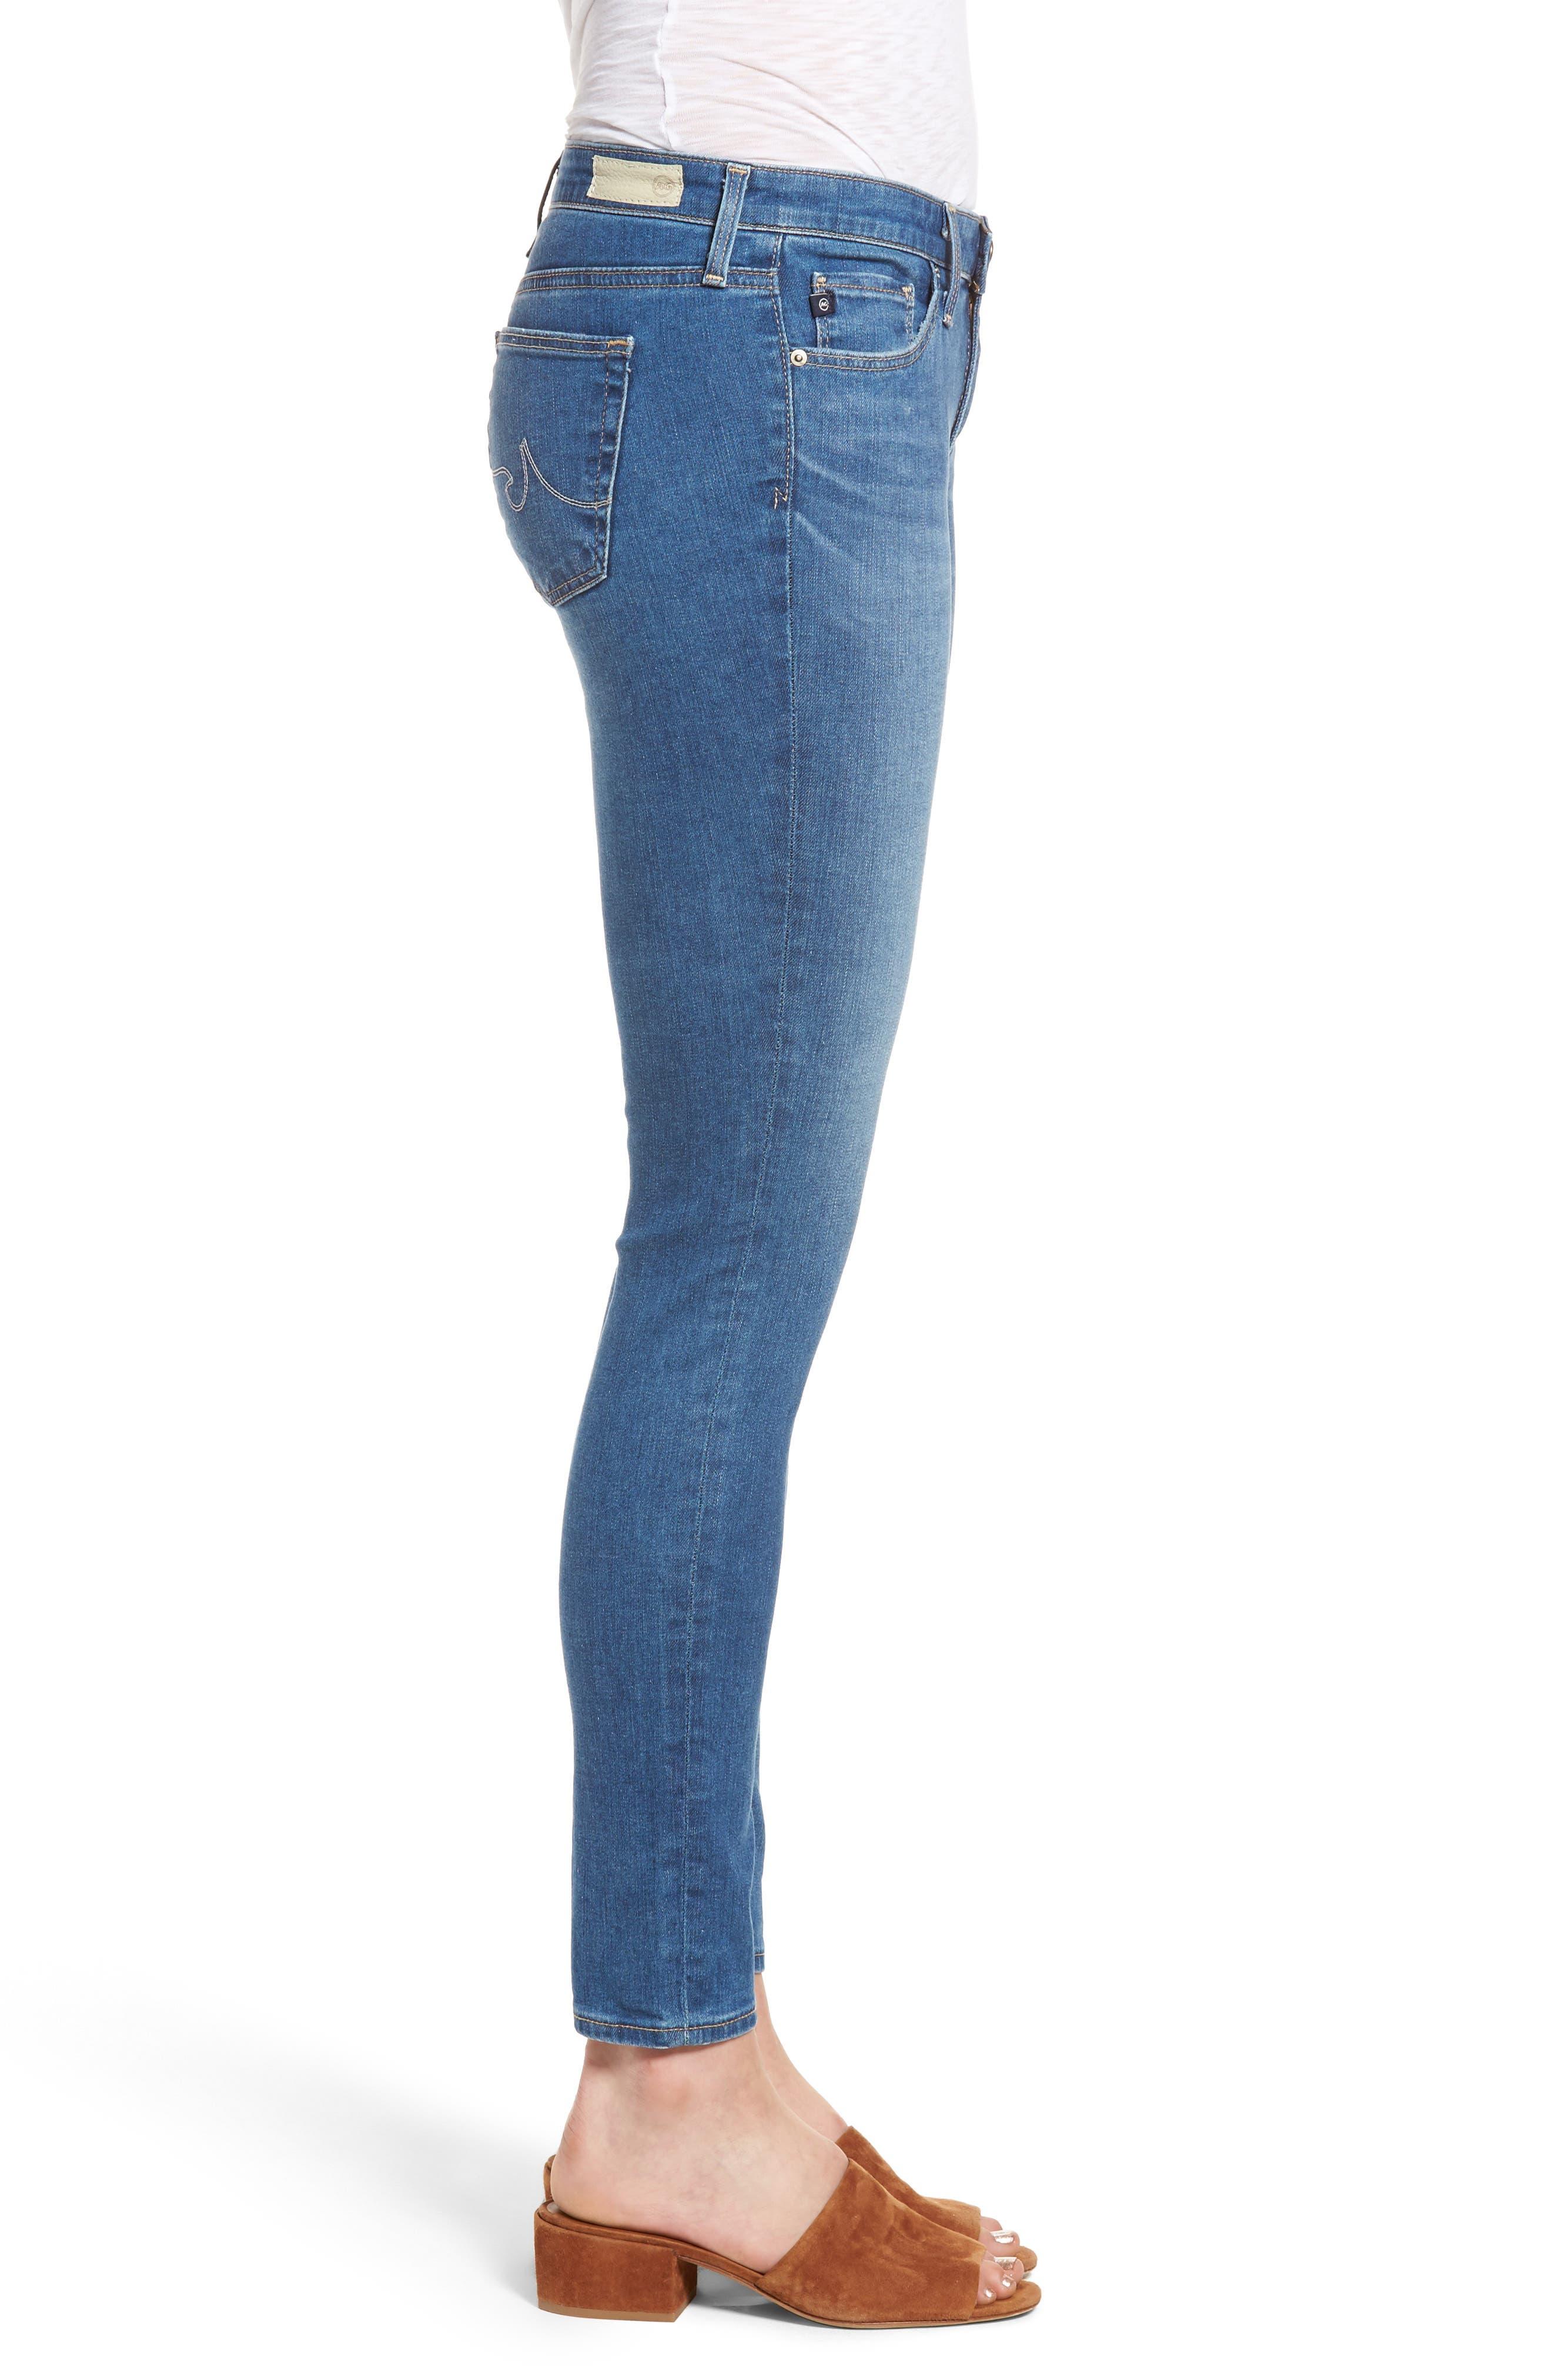 Alternate Image 3  - AG The Legging Ankle Jeans (Emanate)